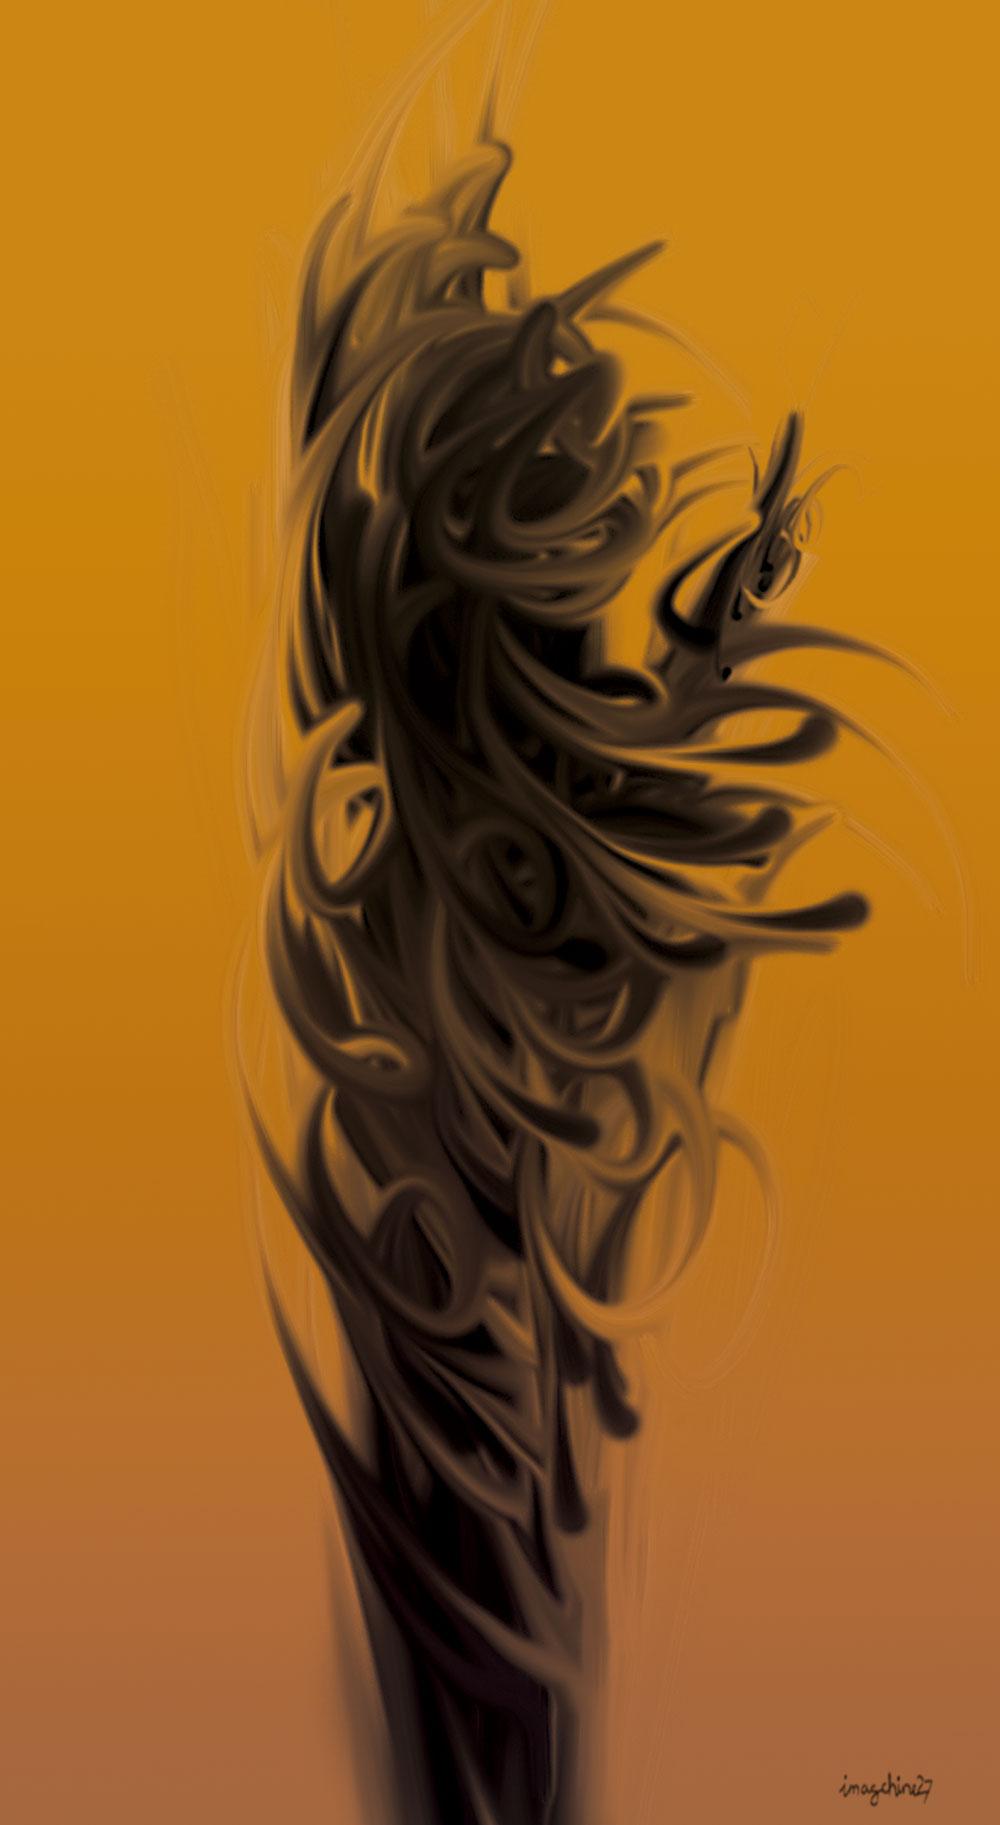 abstractgeddon